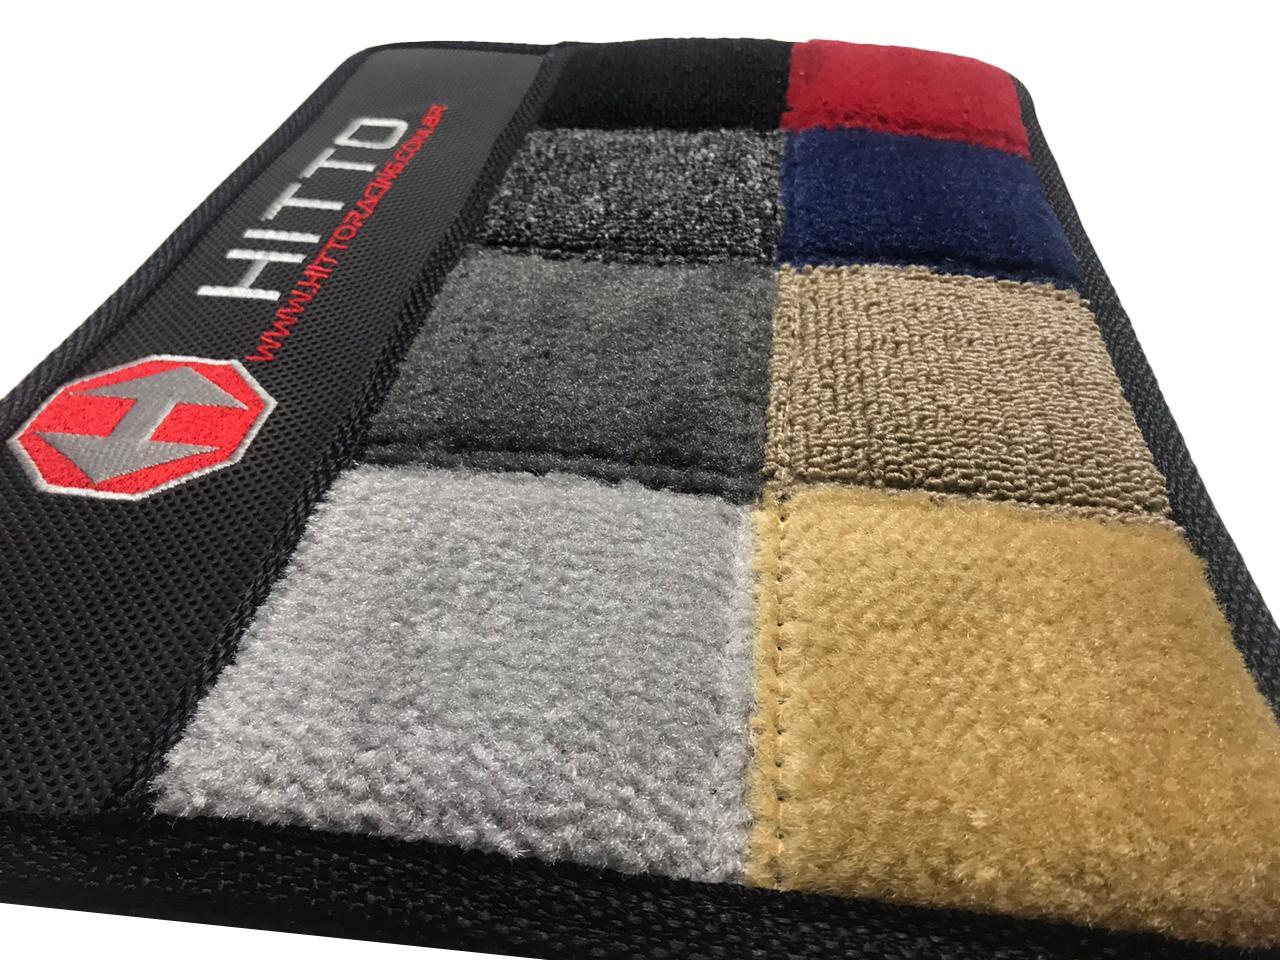 Tapete Blazer Dlx Executive Advantage Carpete Linha Premium